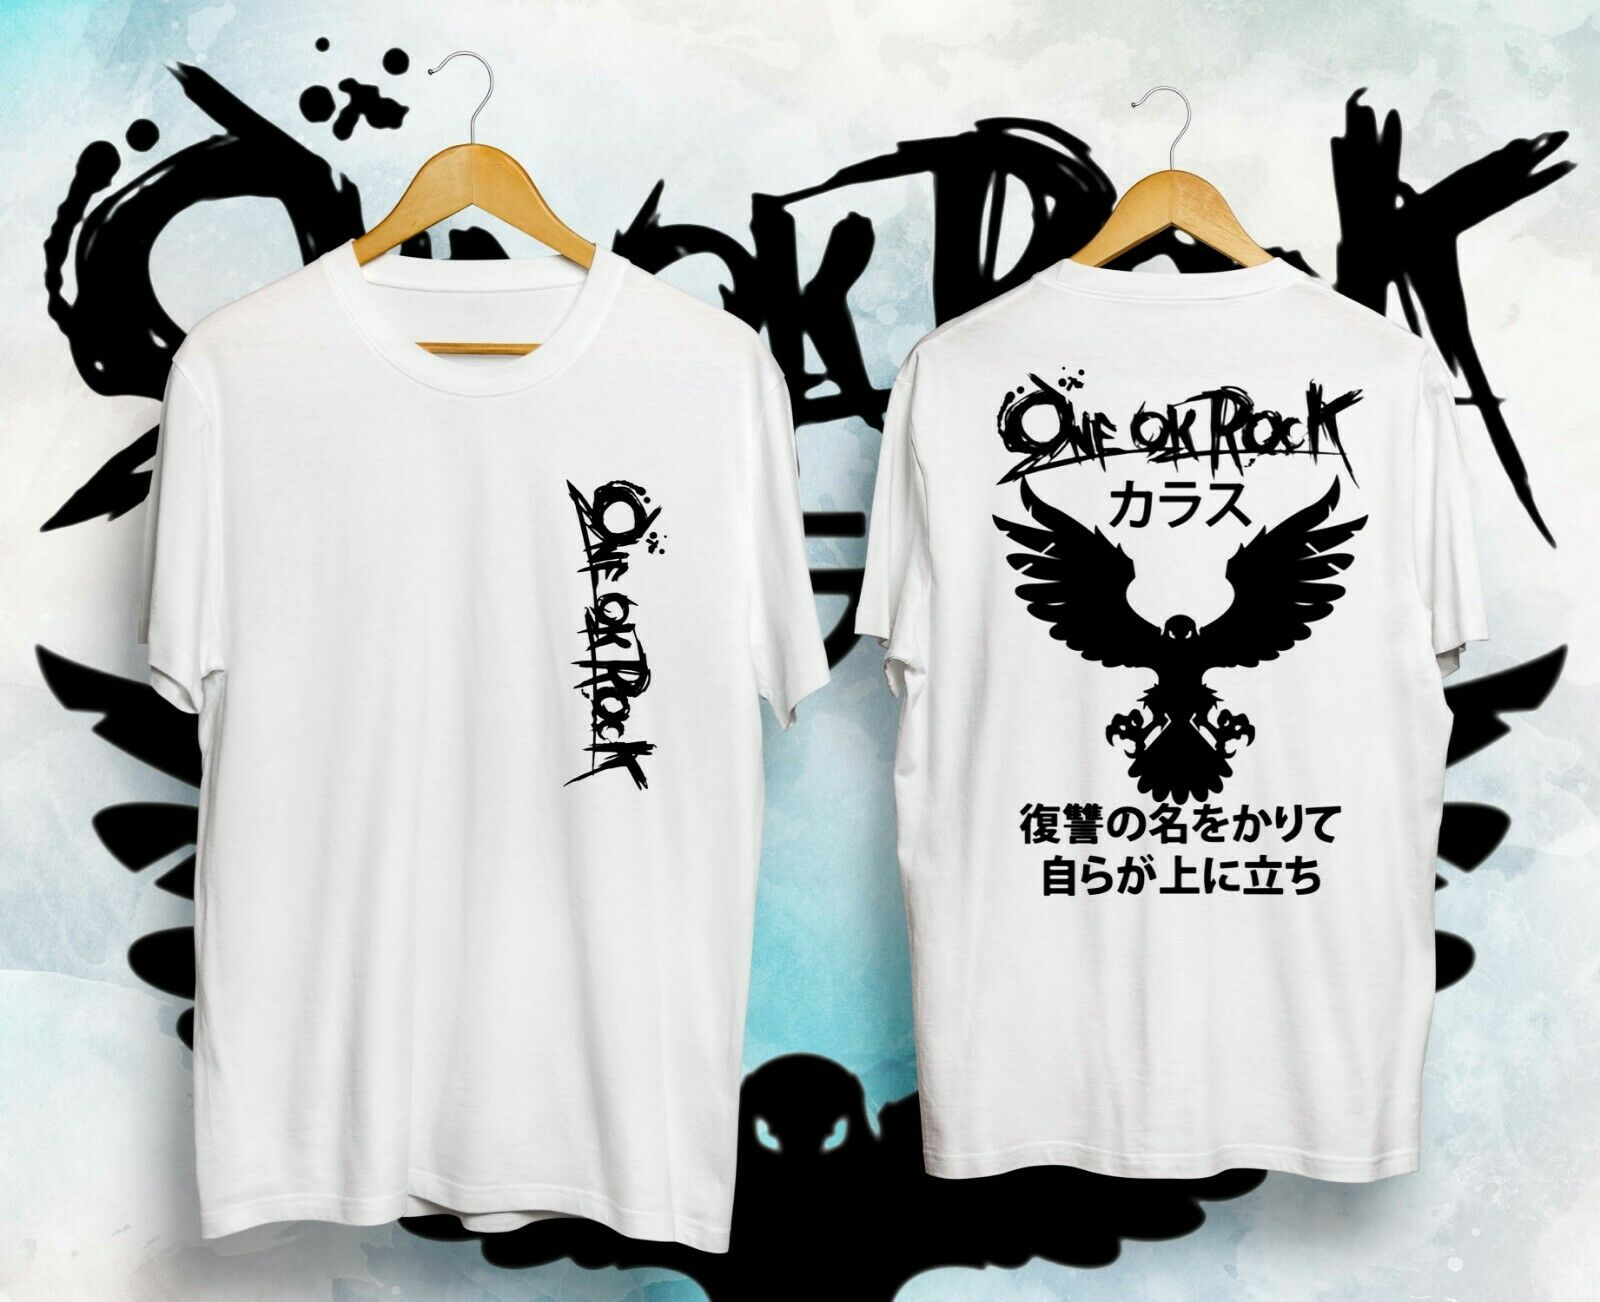 Karasu ONE OK ROCK Crow เสื้อยืดสไตล์ลำลองไซส์ S 2XL